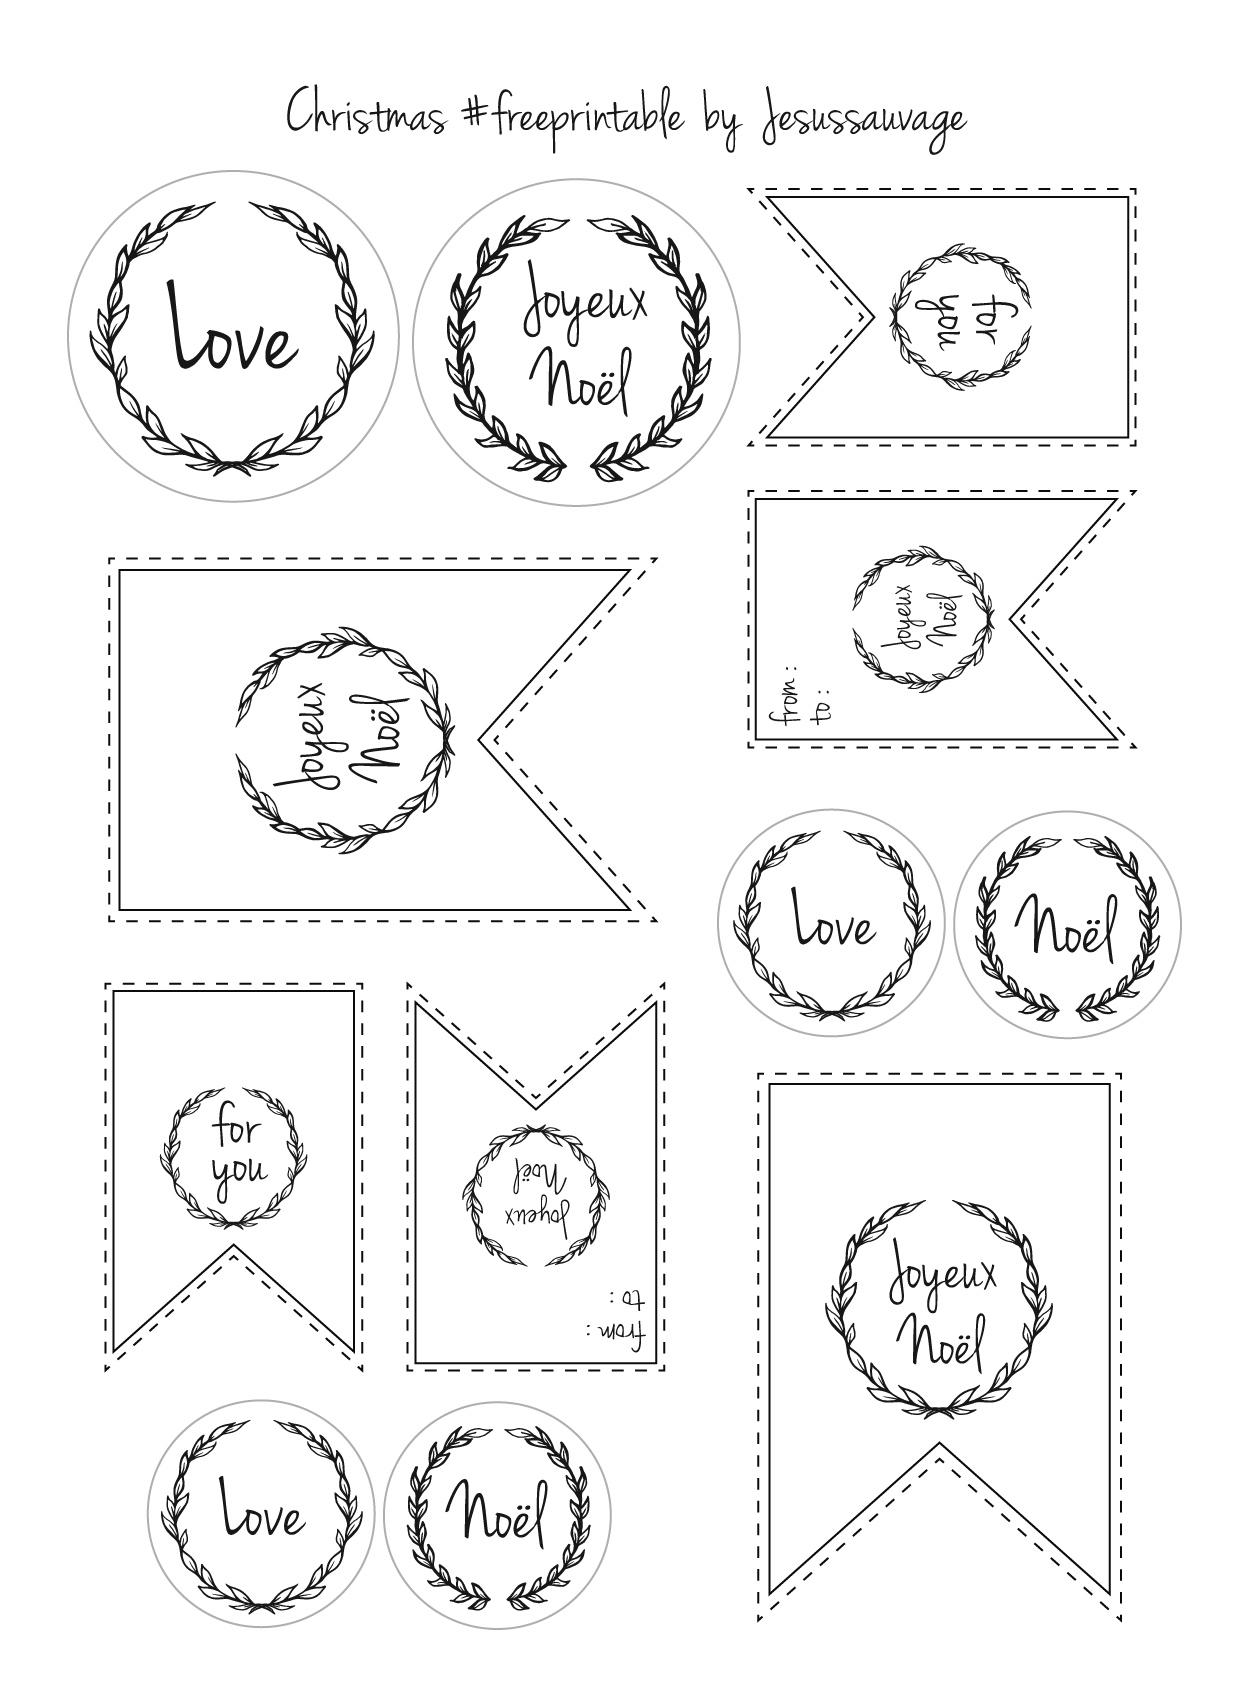 Etiquette Menu De Noel A Imprimer.Les Etiquettes Gratuites De Noel A Imprimer Femme Actuelle